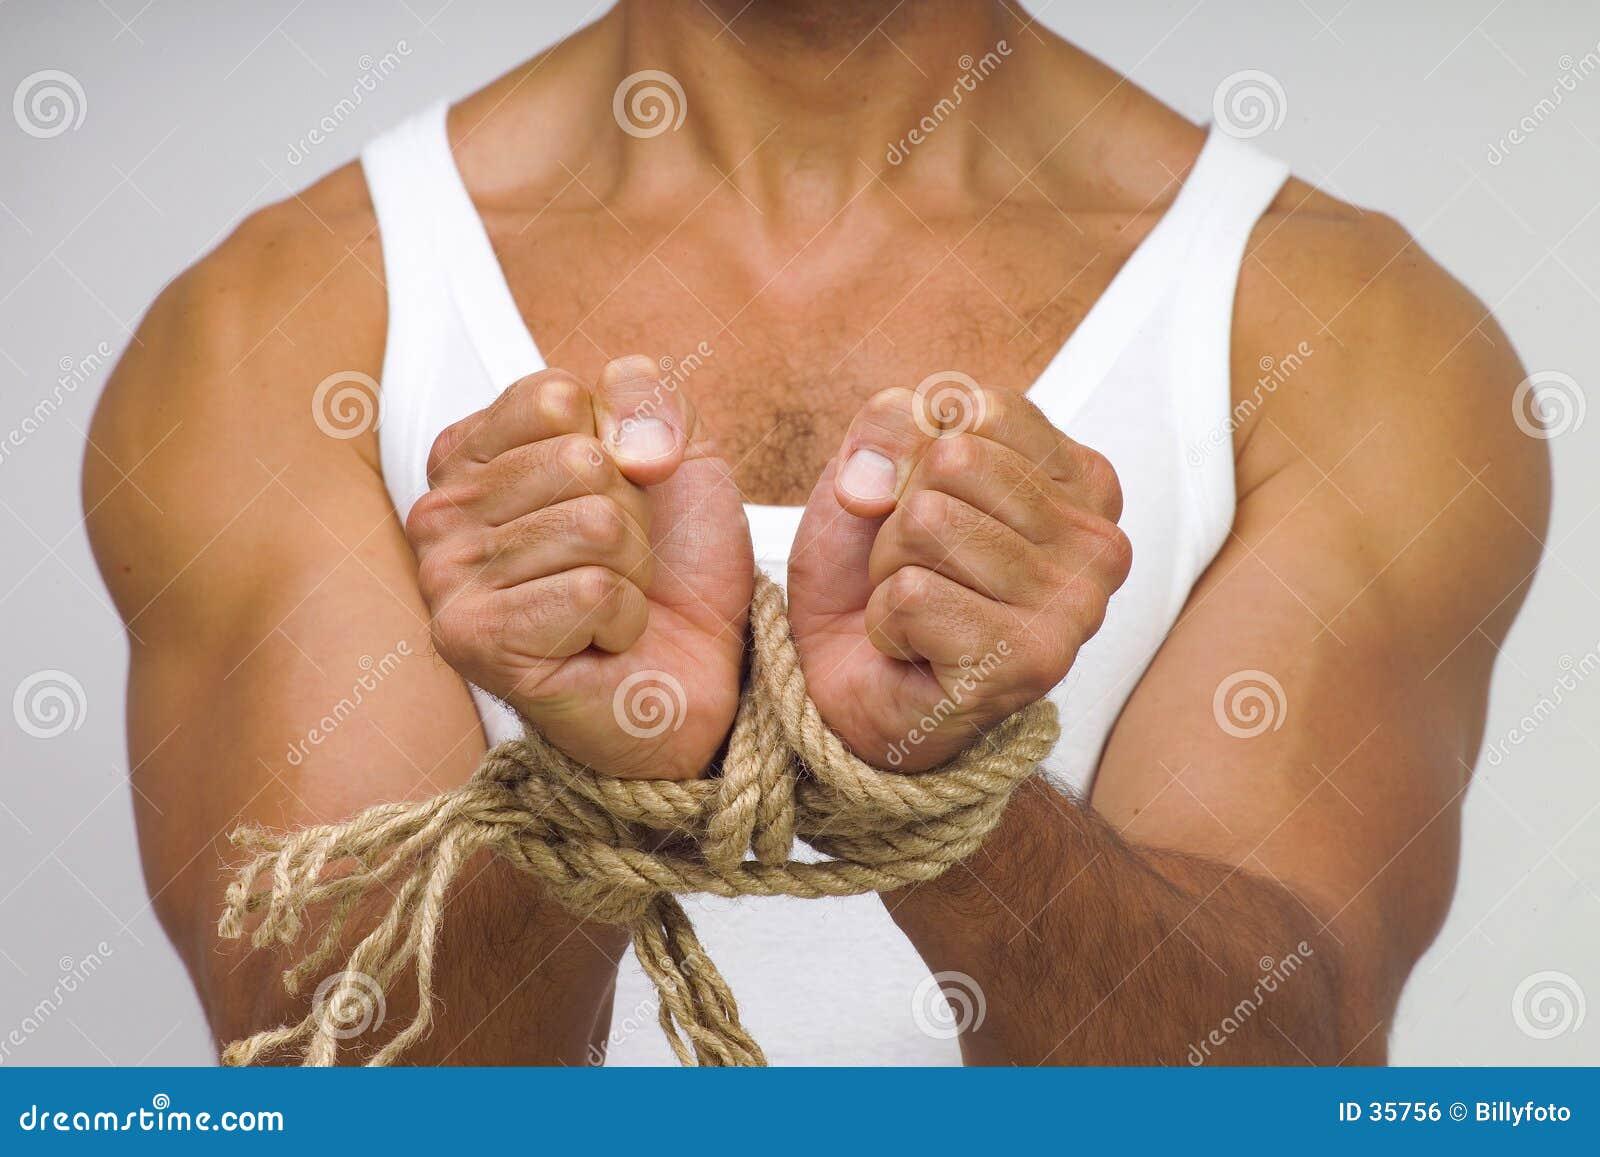 Homme musculaire avec des mains attachées par la corde